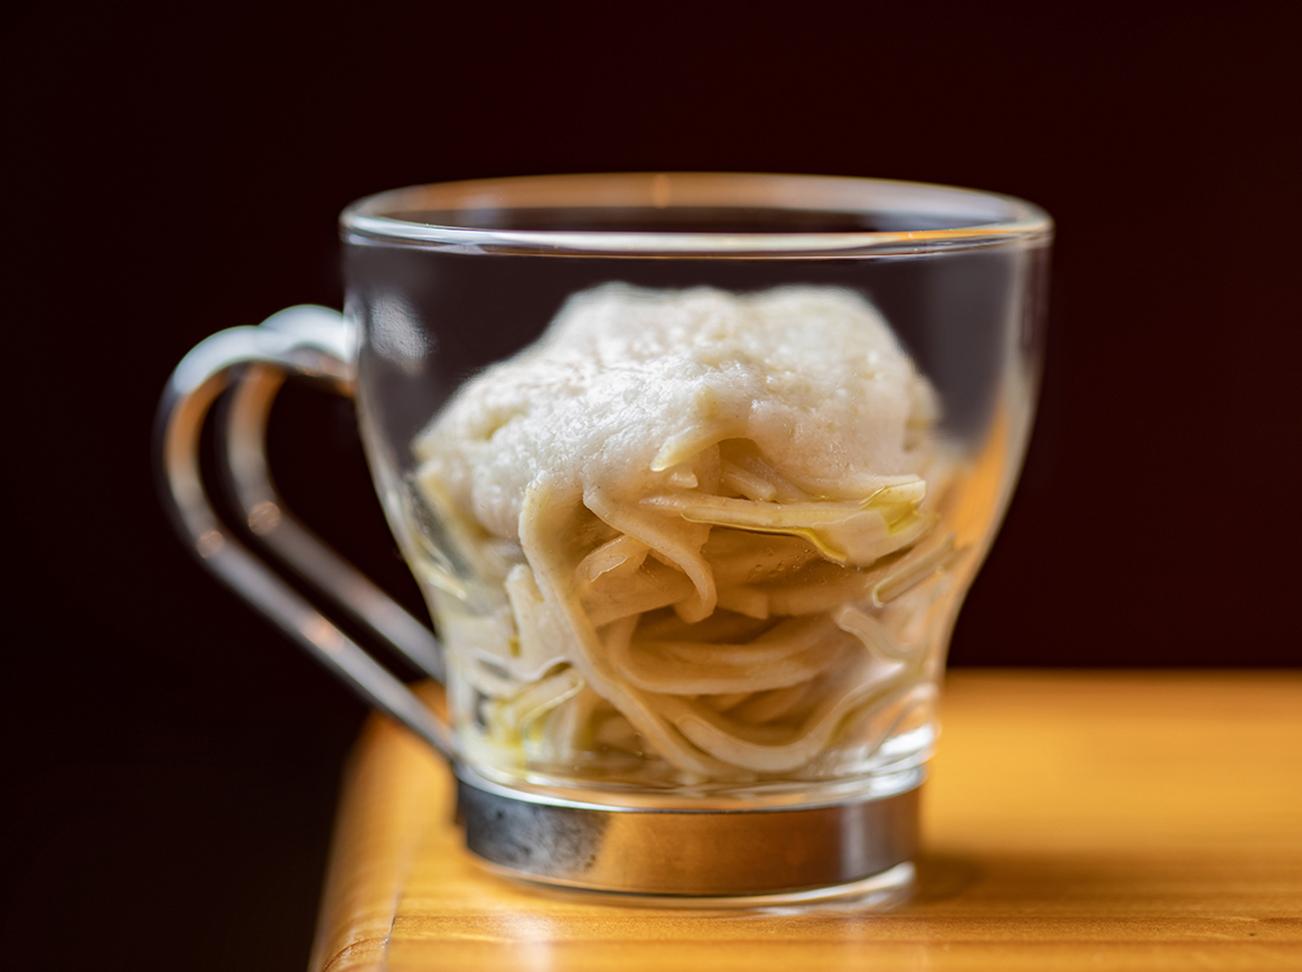 そば粉を使ったパスタには、トリュフオイルとすり下ろした山芋が。「日本でお馴染みのとろろそばをイタリアっぽくアレンジしました」と蛭田さん